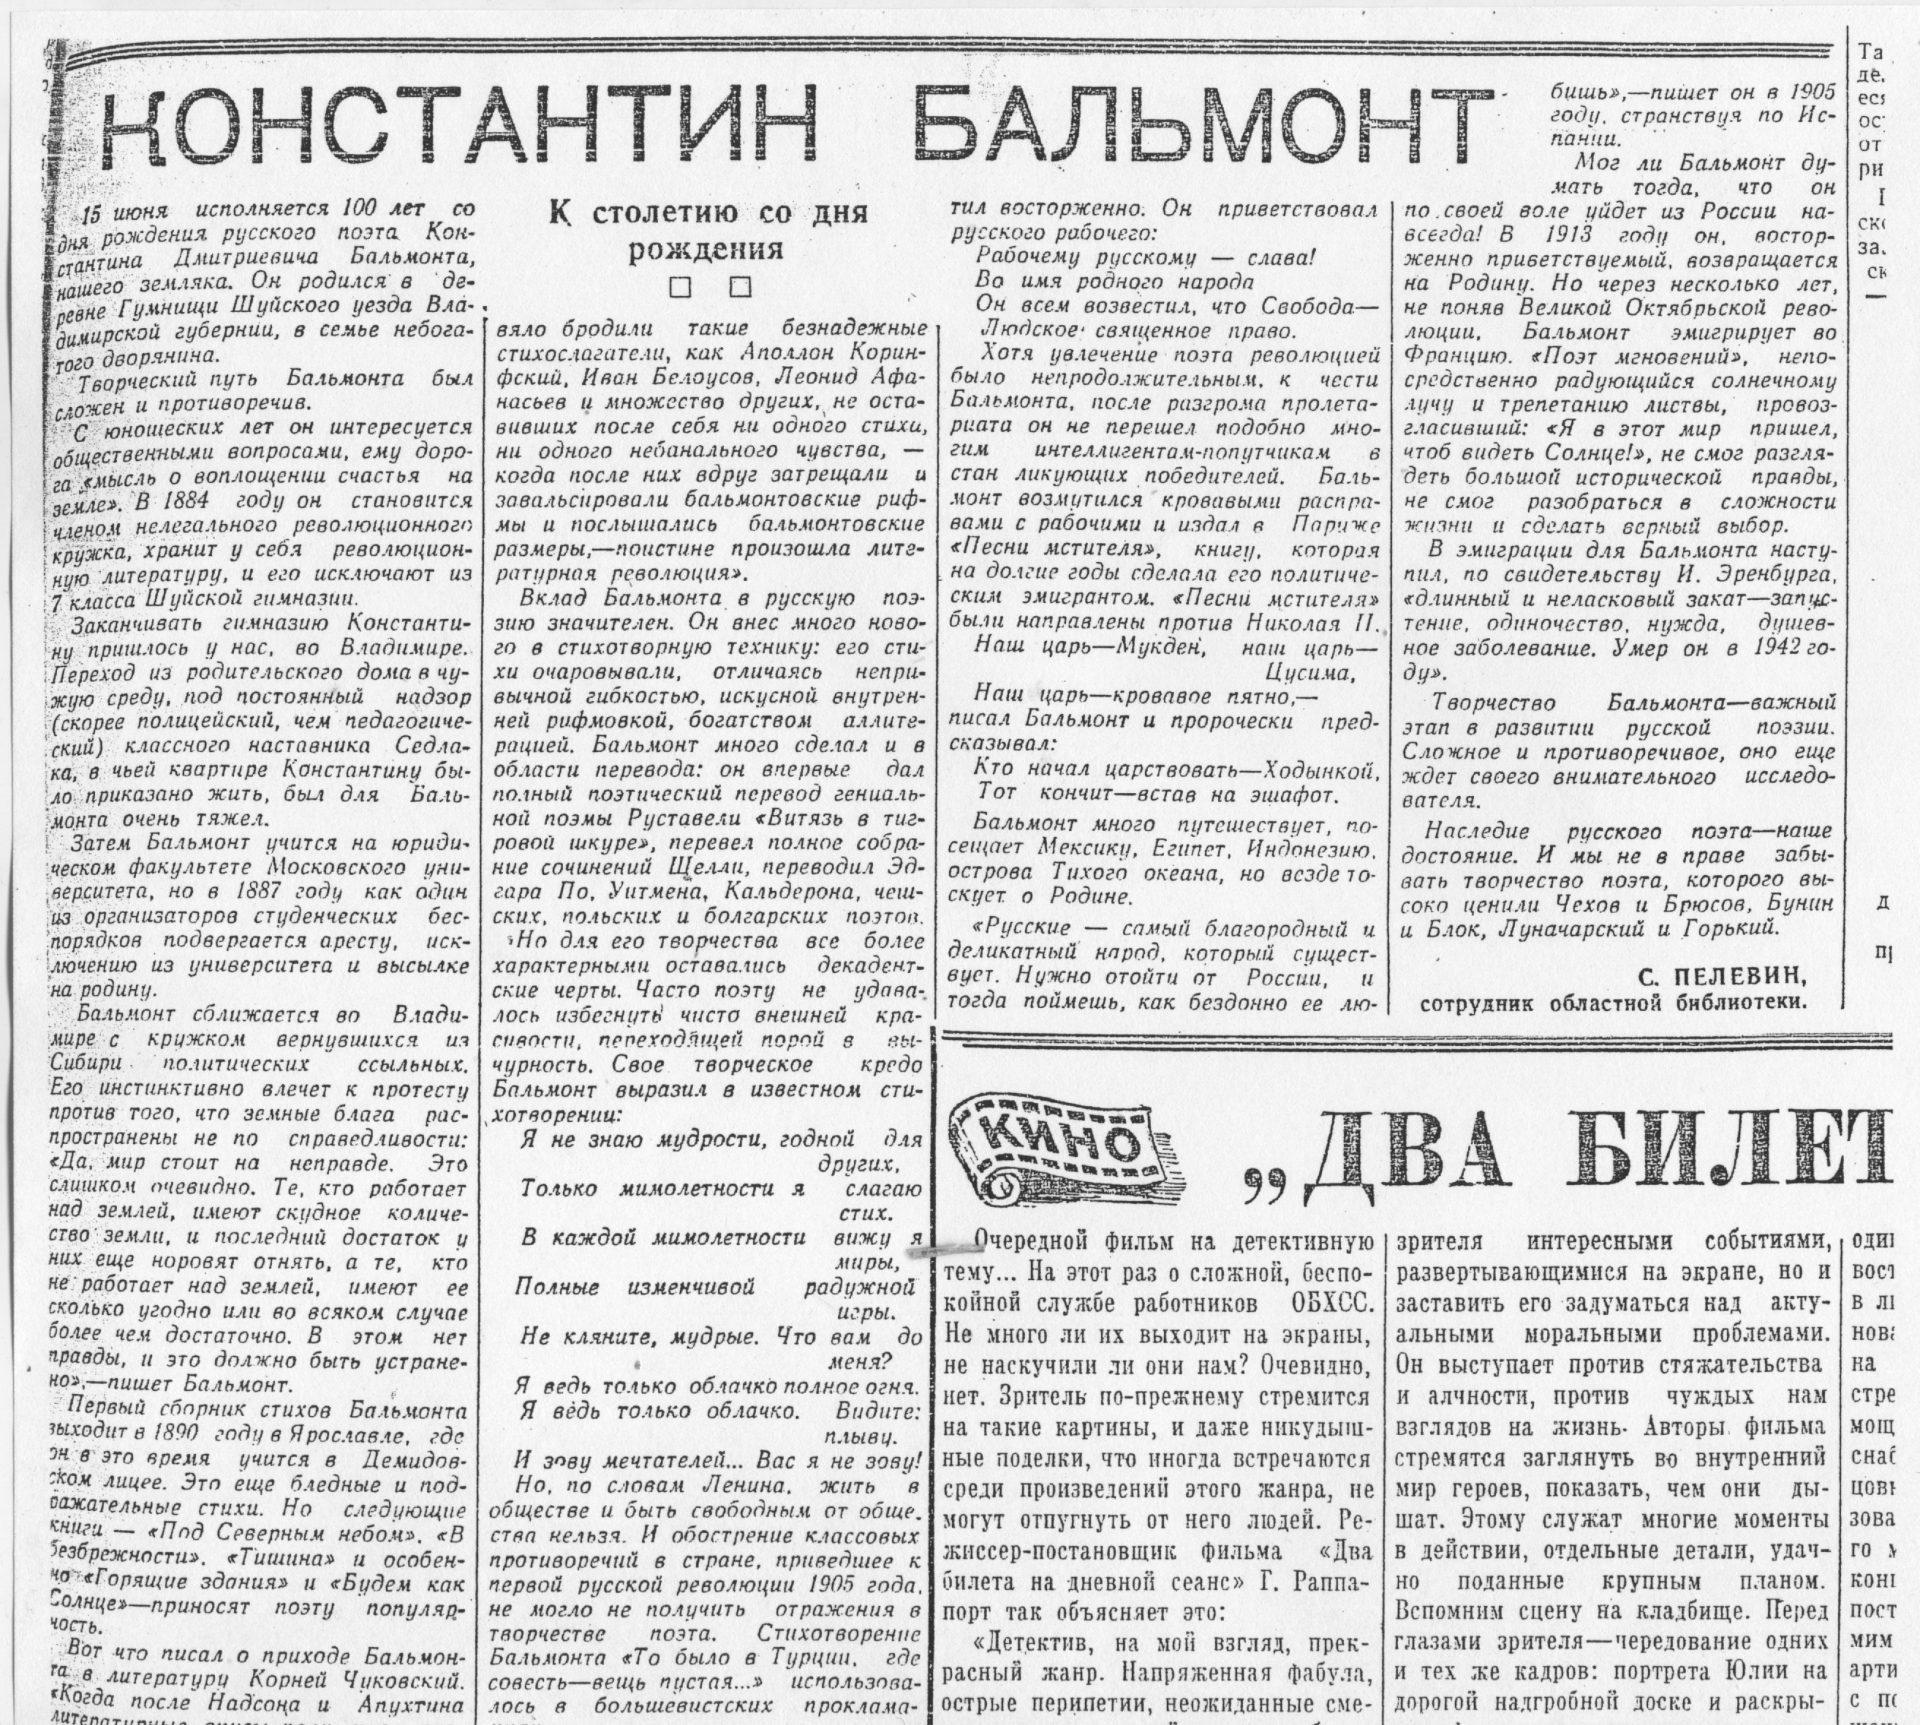 Статья С. Пелевина к 100-летию поэта К. Д. Бальмонта